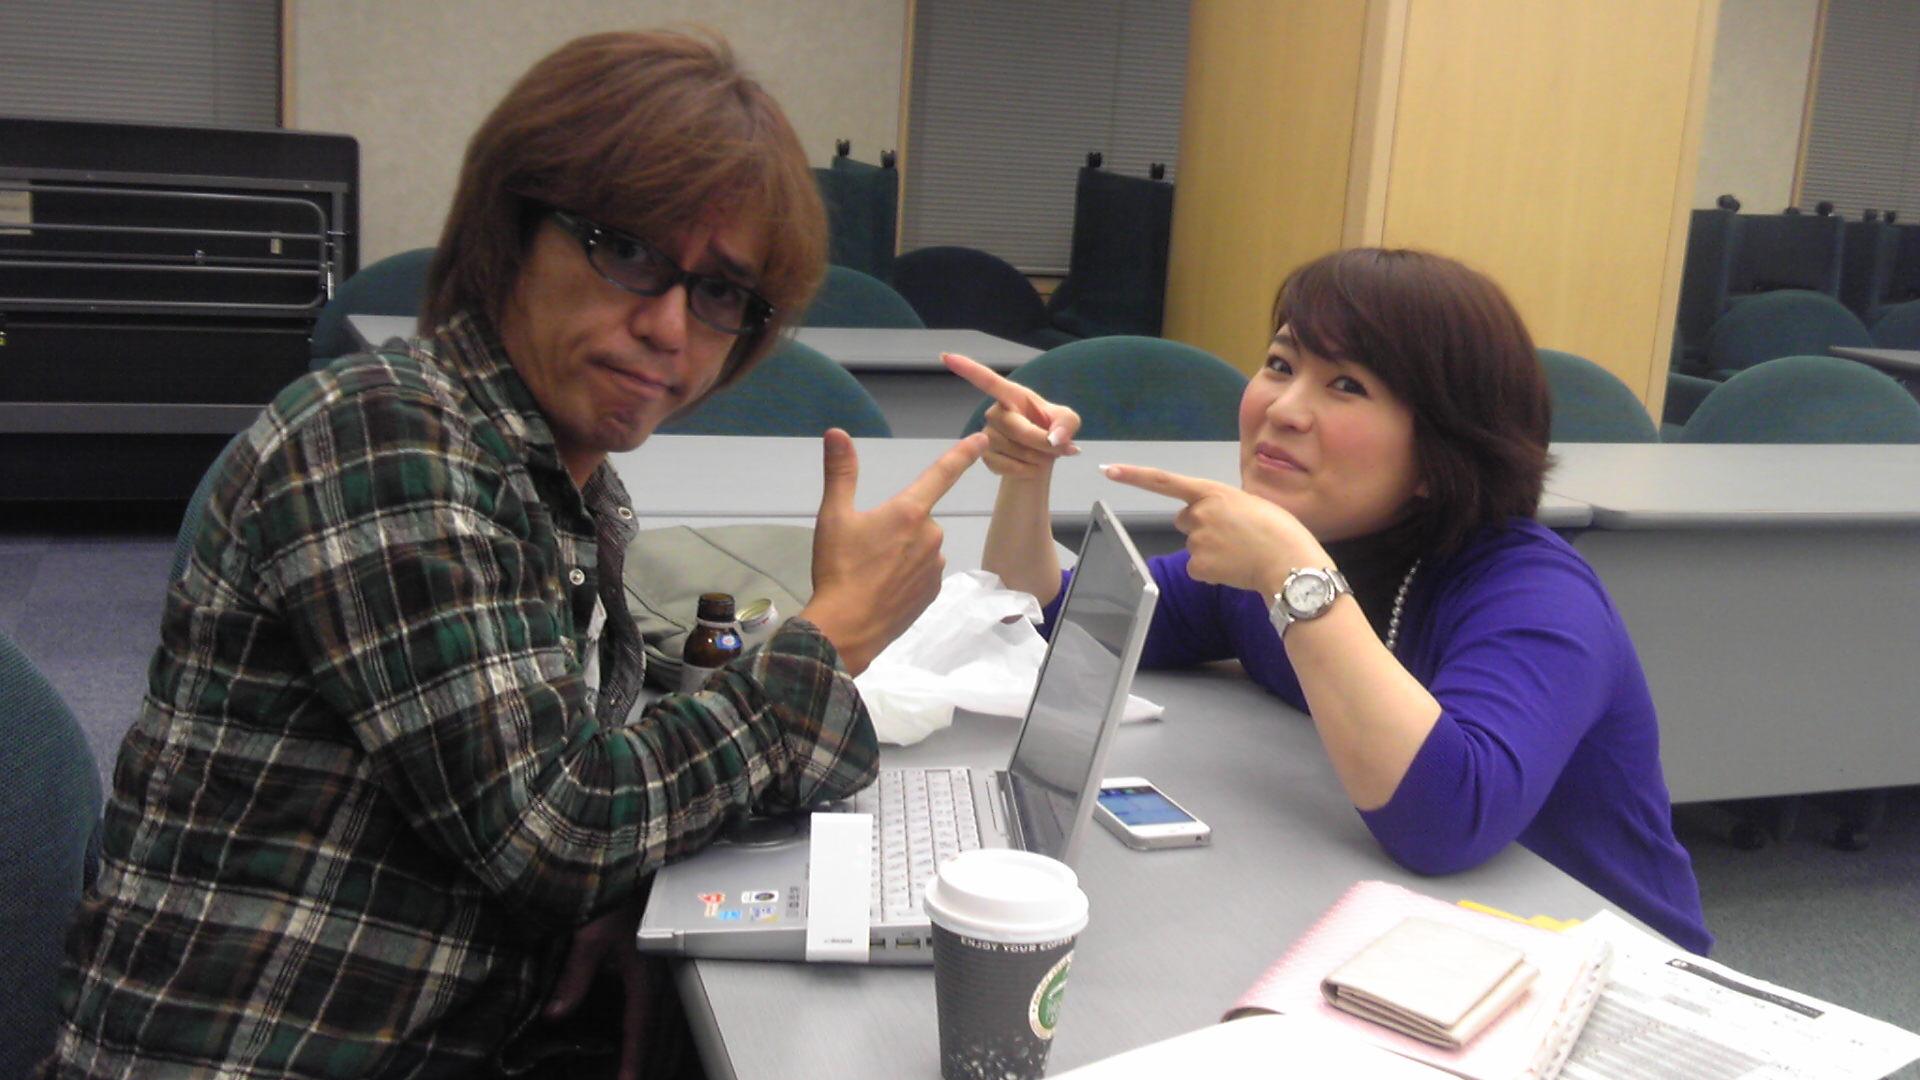 レッドリボンライブまで後2日。世界エイズデーに向けて、Yahoo!のトップページも変わります!日本での啓発の進化。山本シュウさんとYahoo!の阿久津さん☆ #rrl2011_e0142585_23185256.jpg